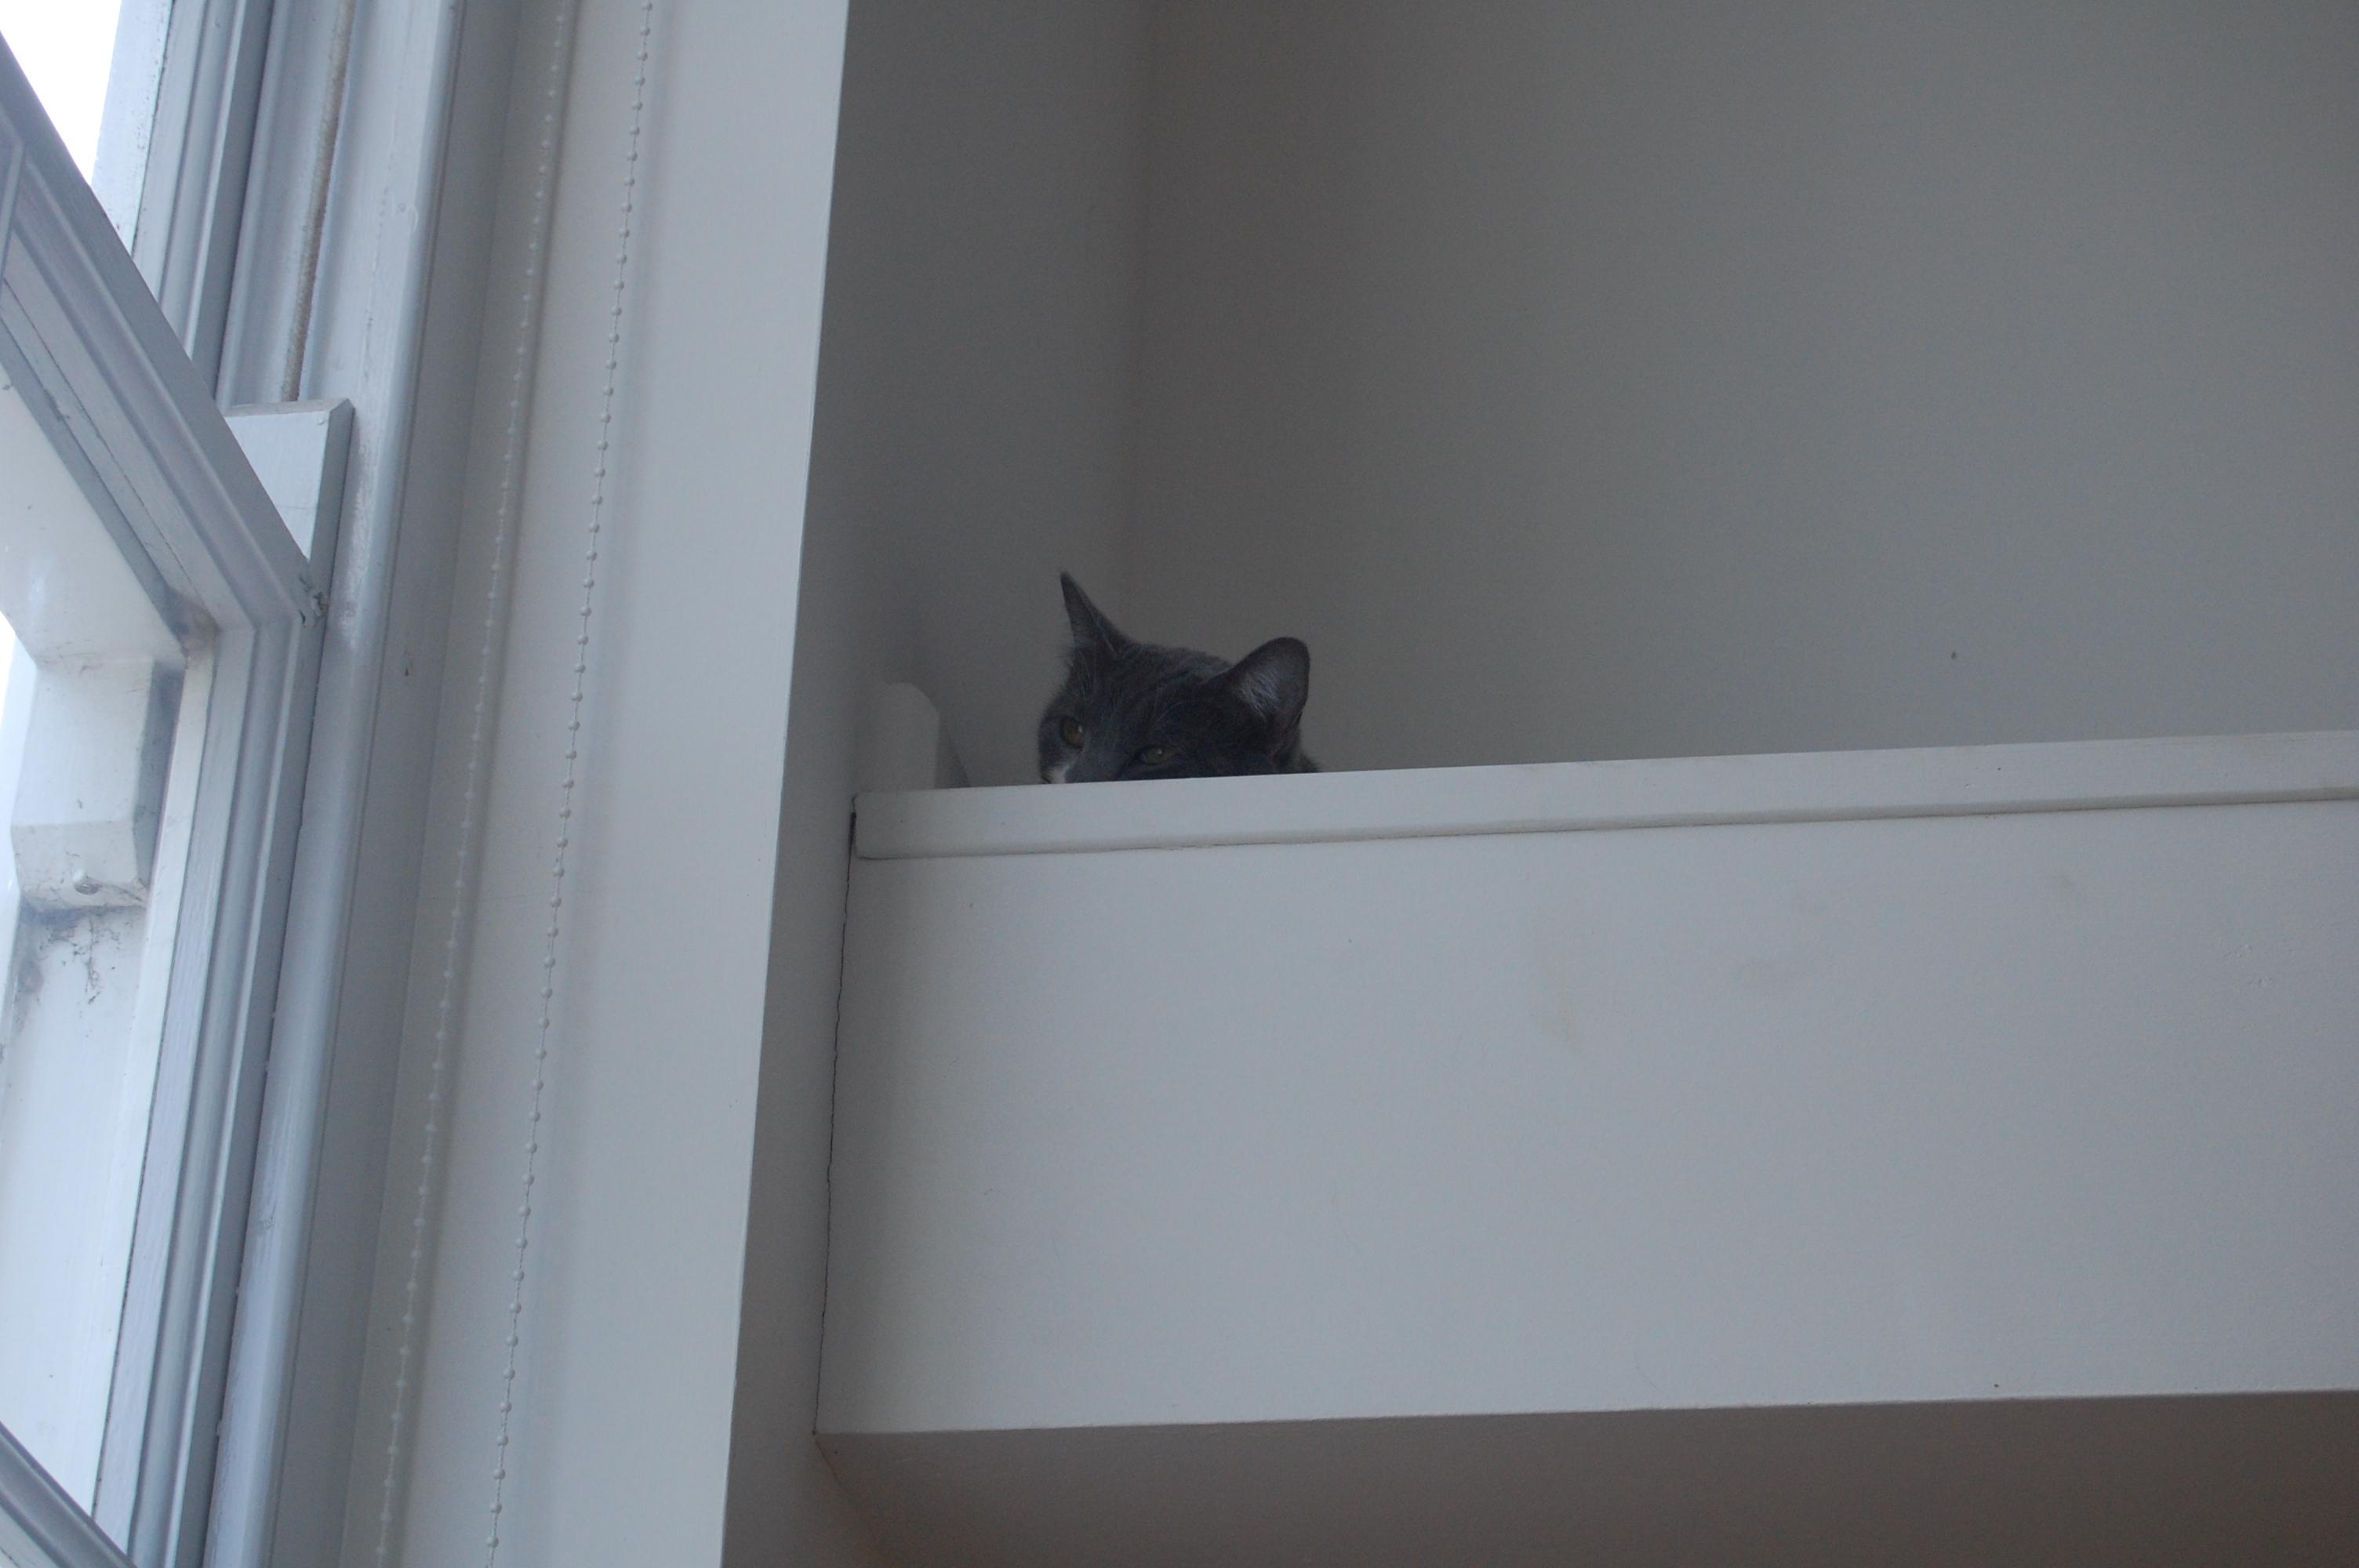 Milo, the sniper